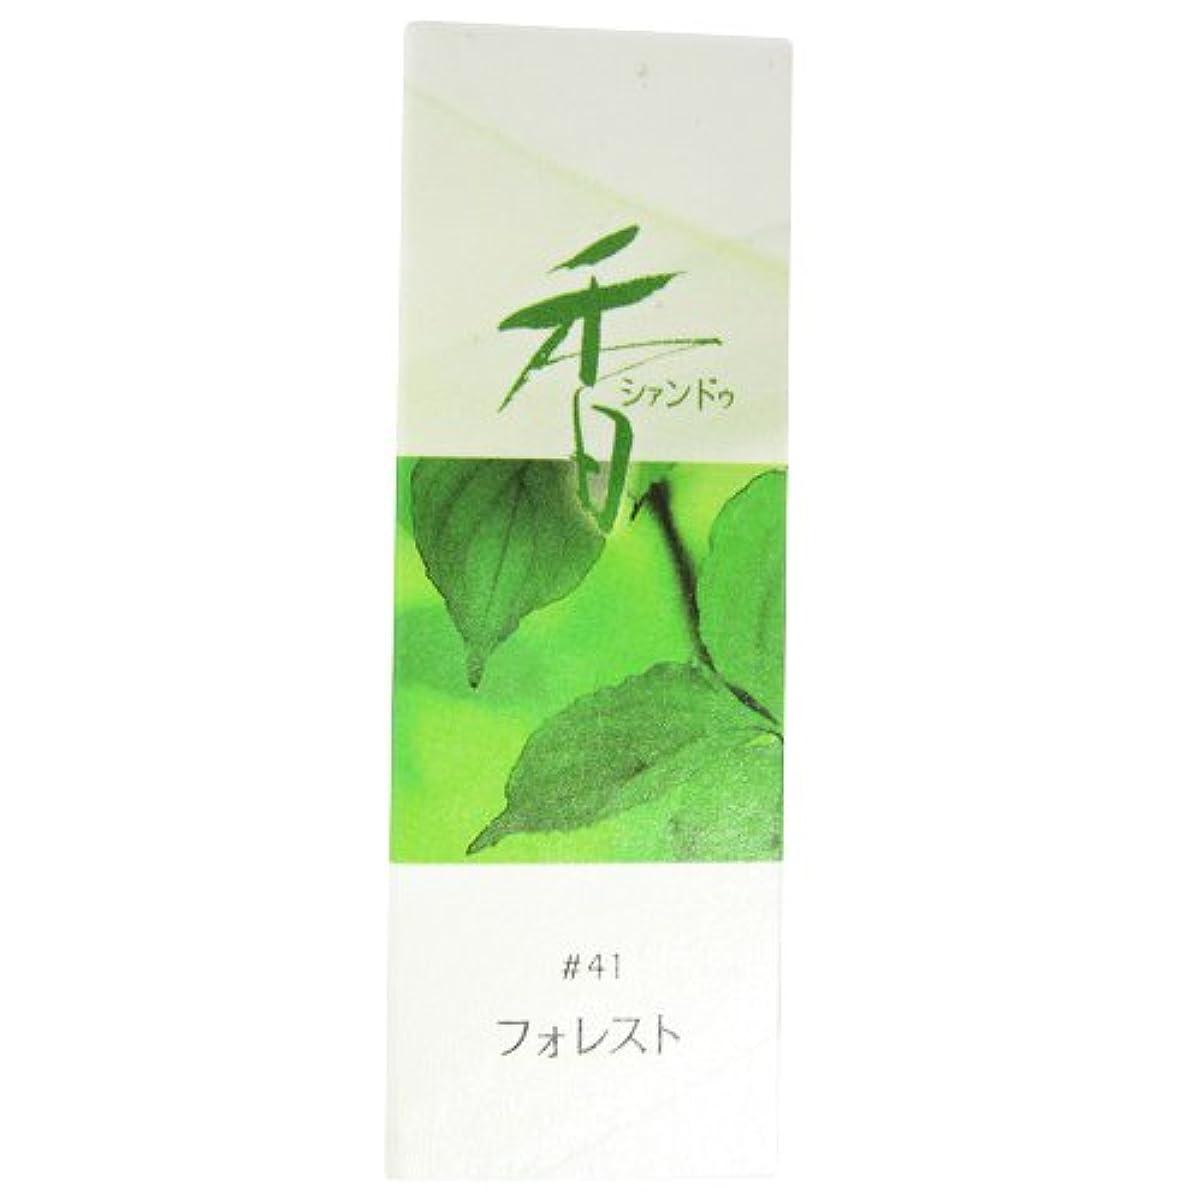 ディレイ実験的ページ松栄堂のお香 Xiang Do フォレスト ST20本入 簡易香立付 #214241